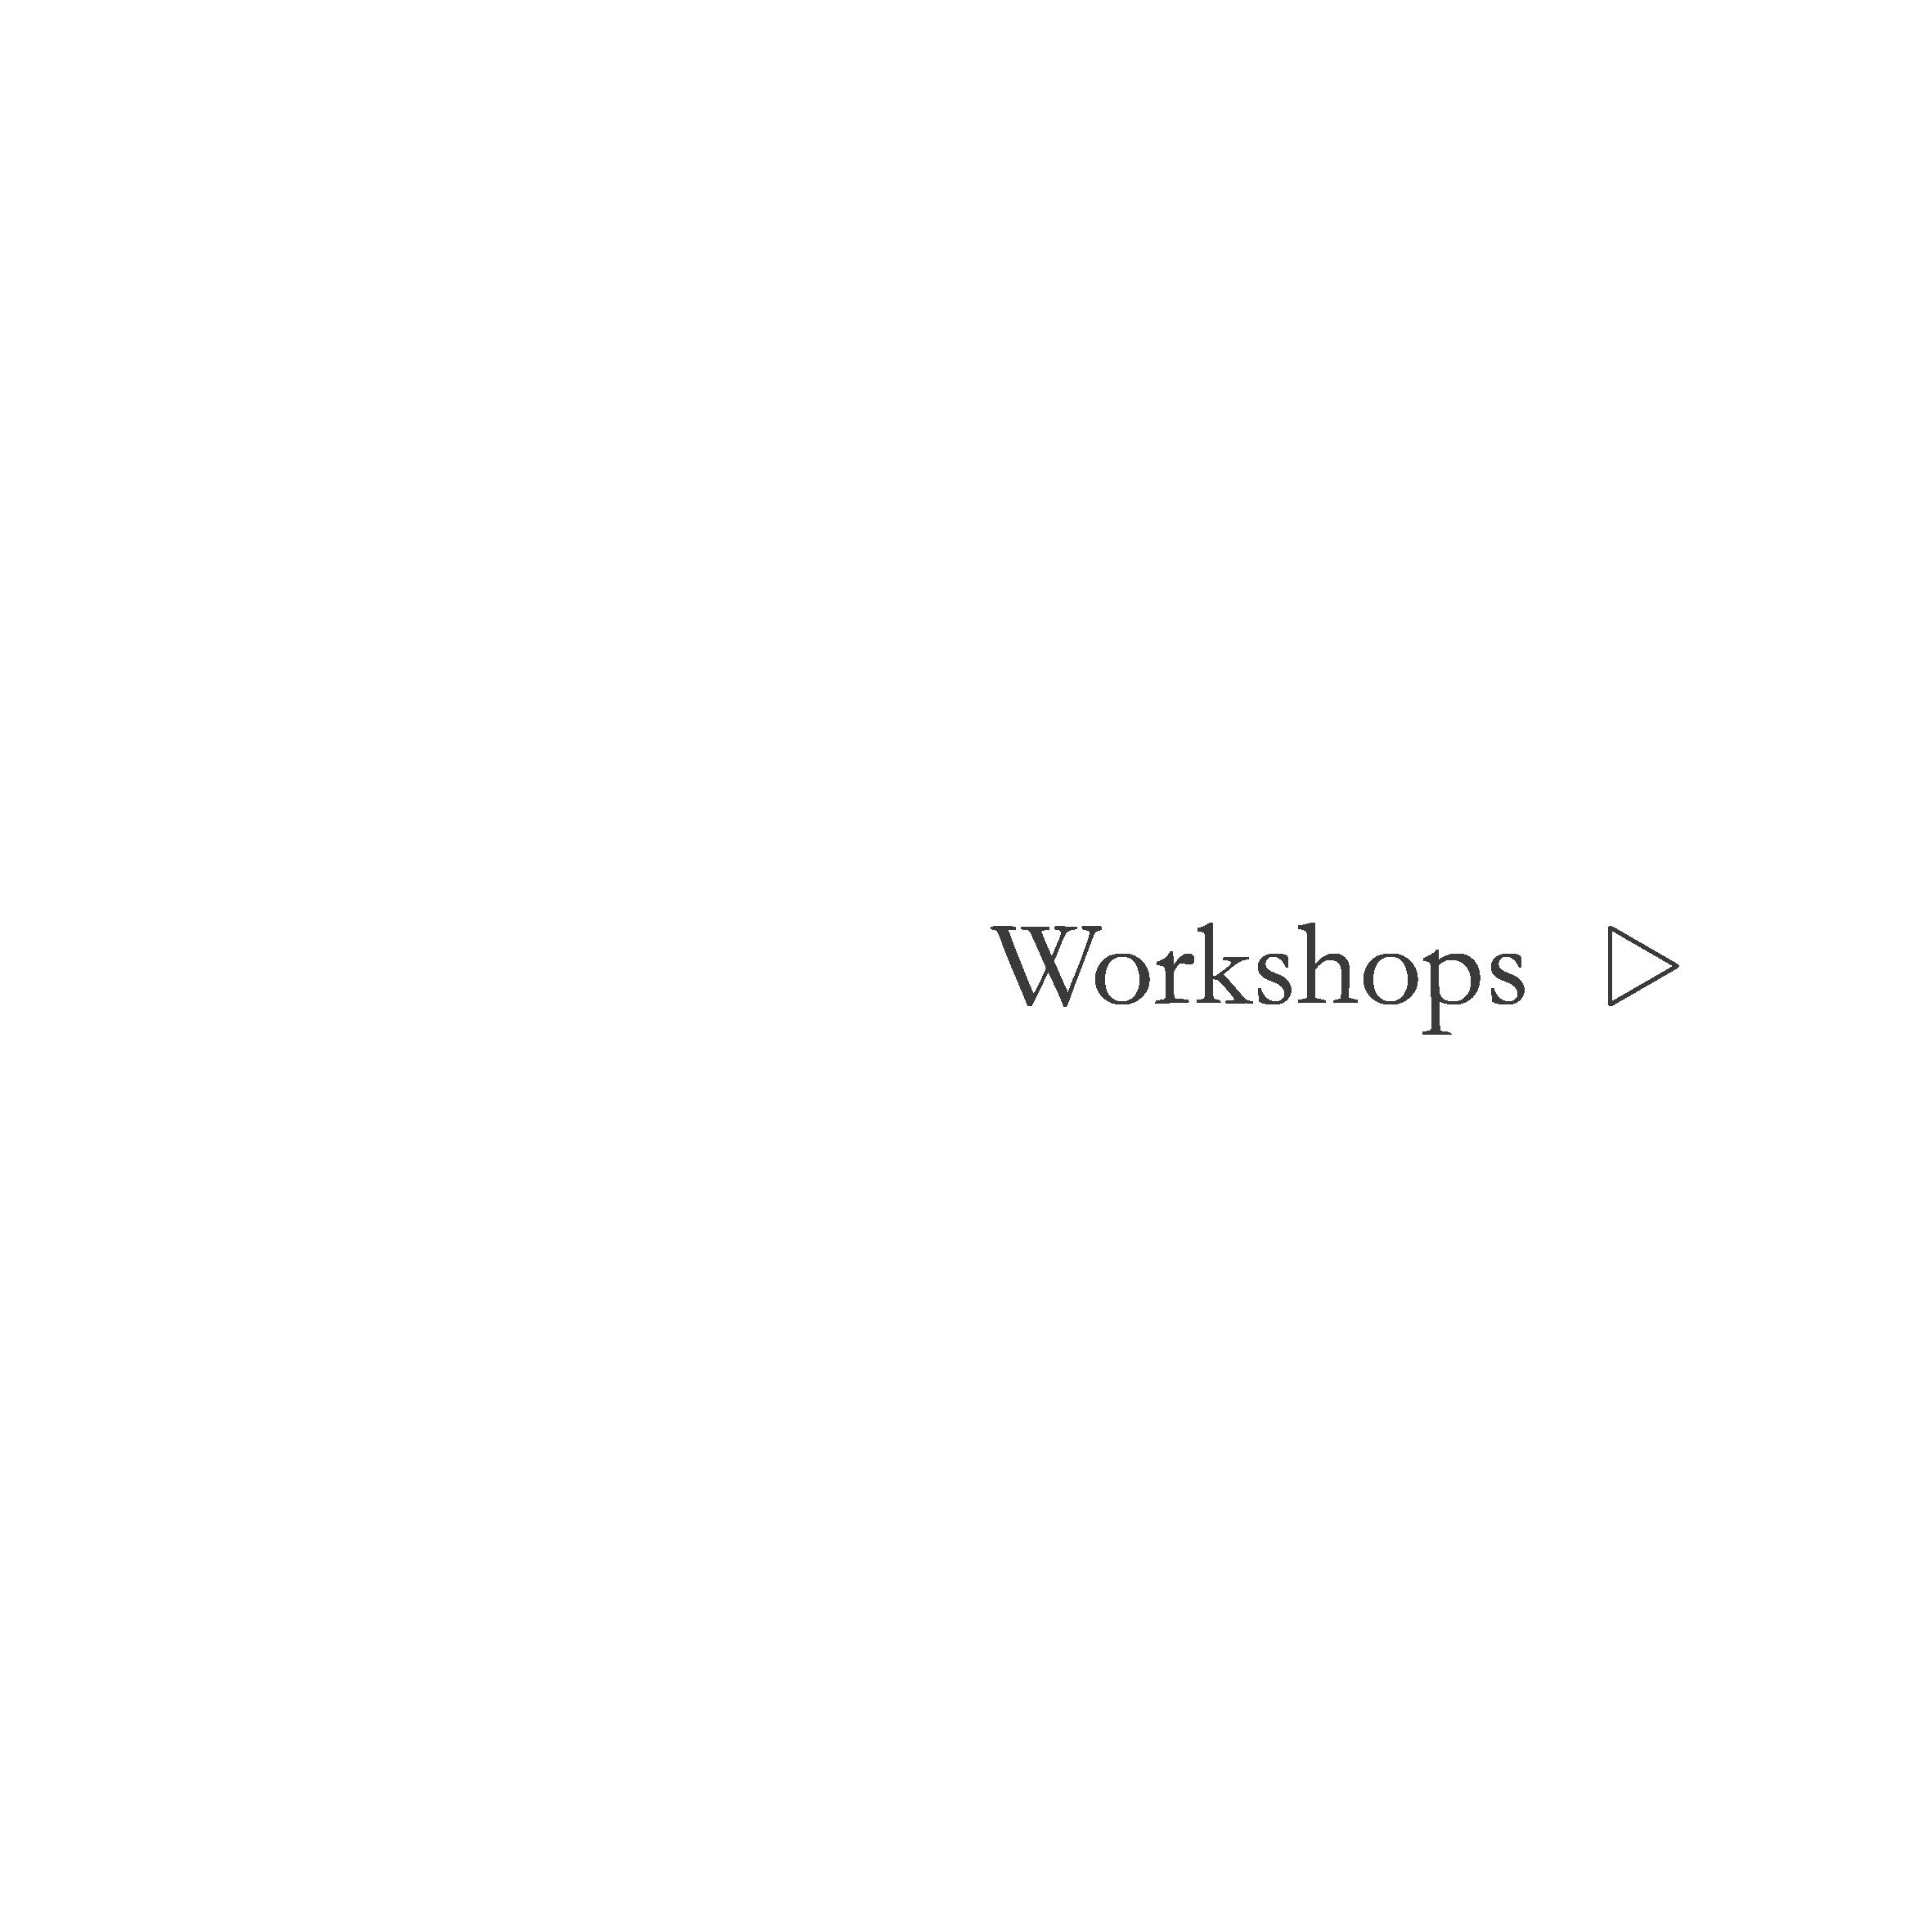 Workshops-05.png